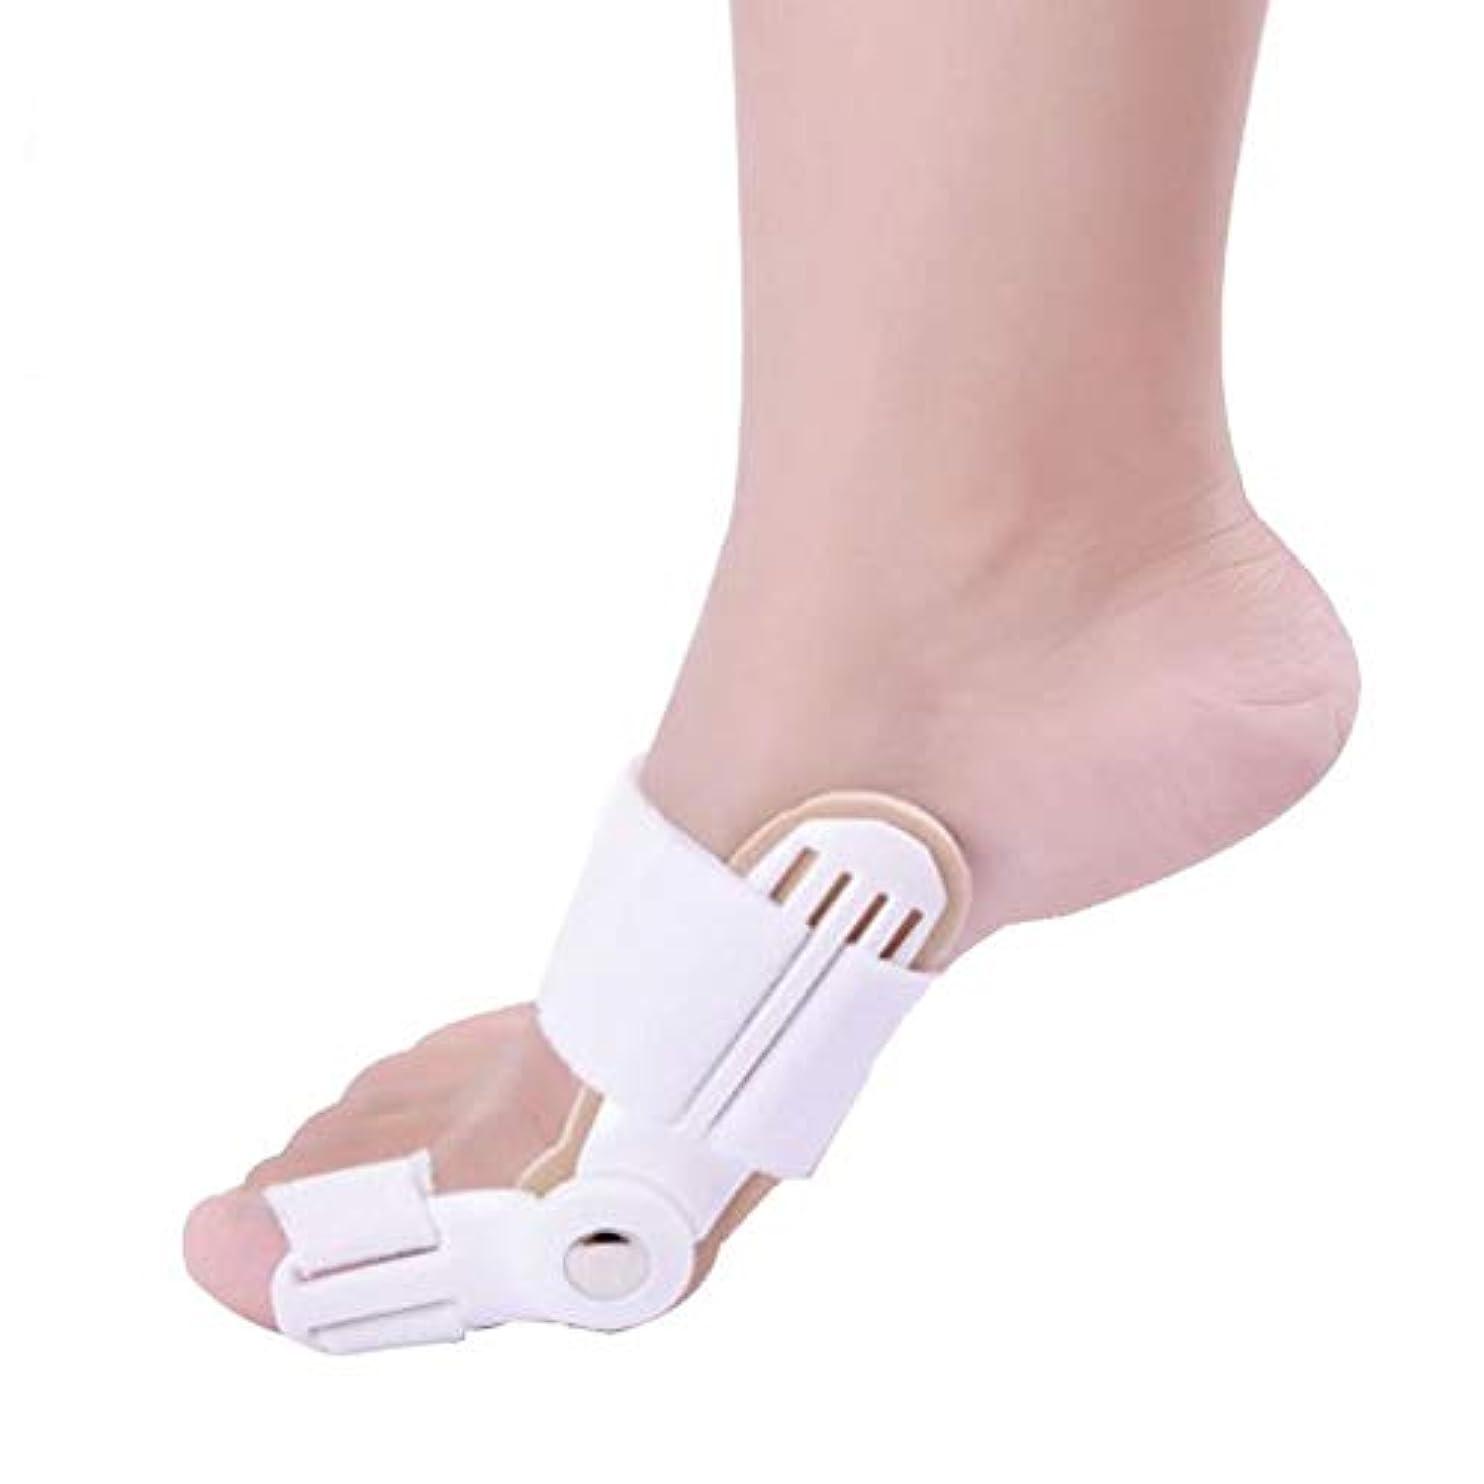 微生物宅配便あざ腱膜瘤矯正、外反装具副木、痛み腱膜炎、男性と女性のための整形外科の腱膜副木、2ピース